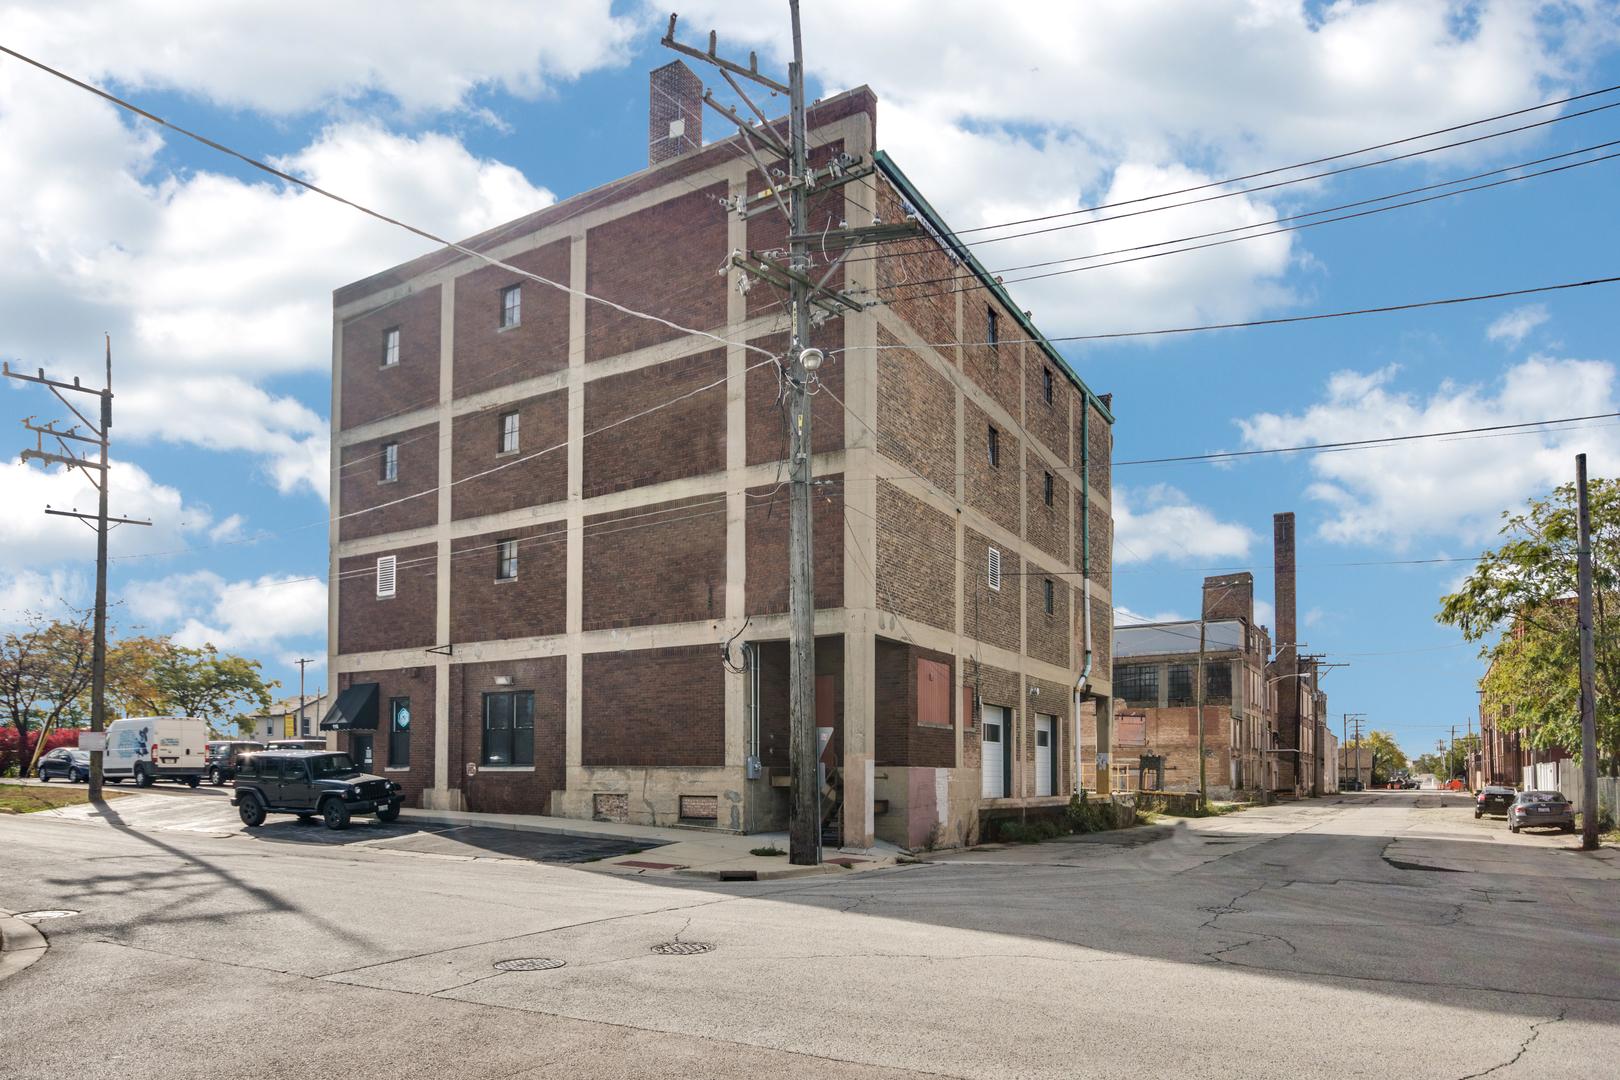 110 Cross ,Aurora, Illinois 60506